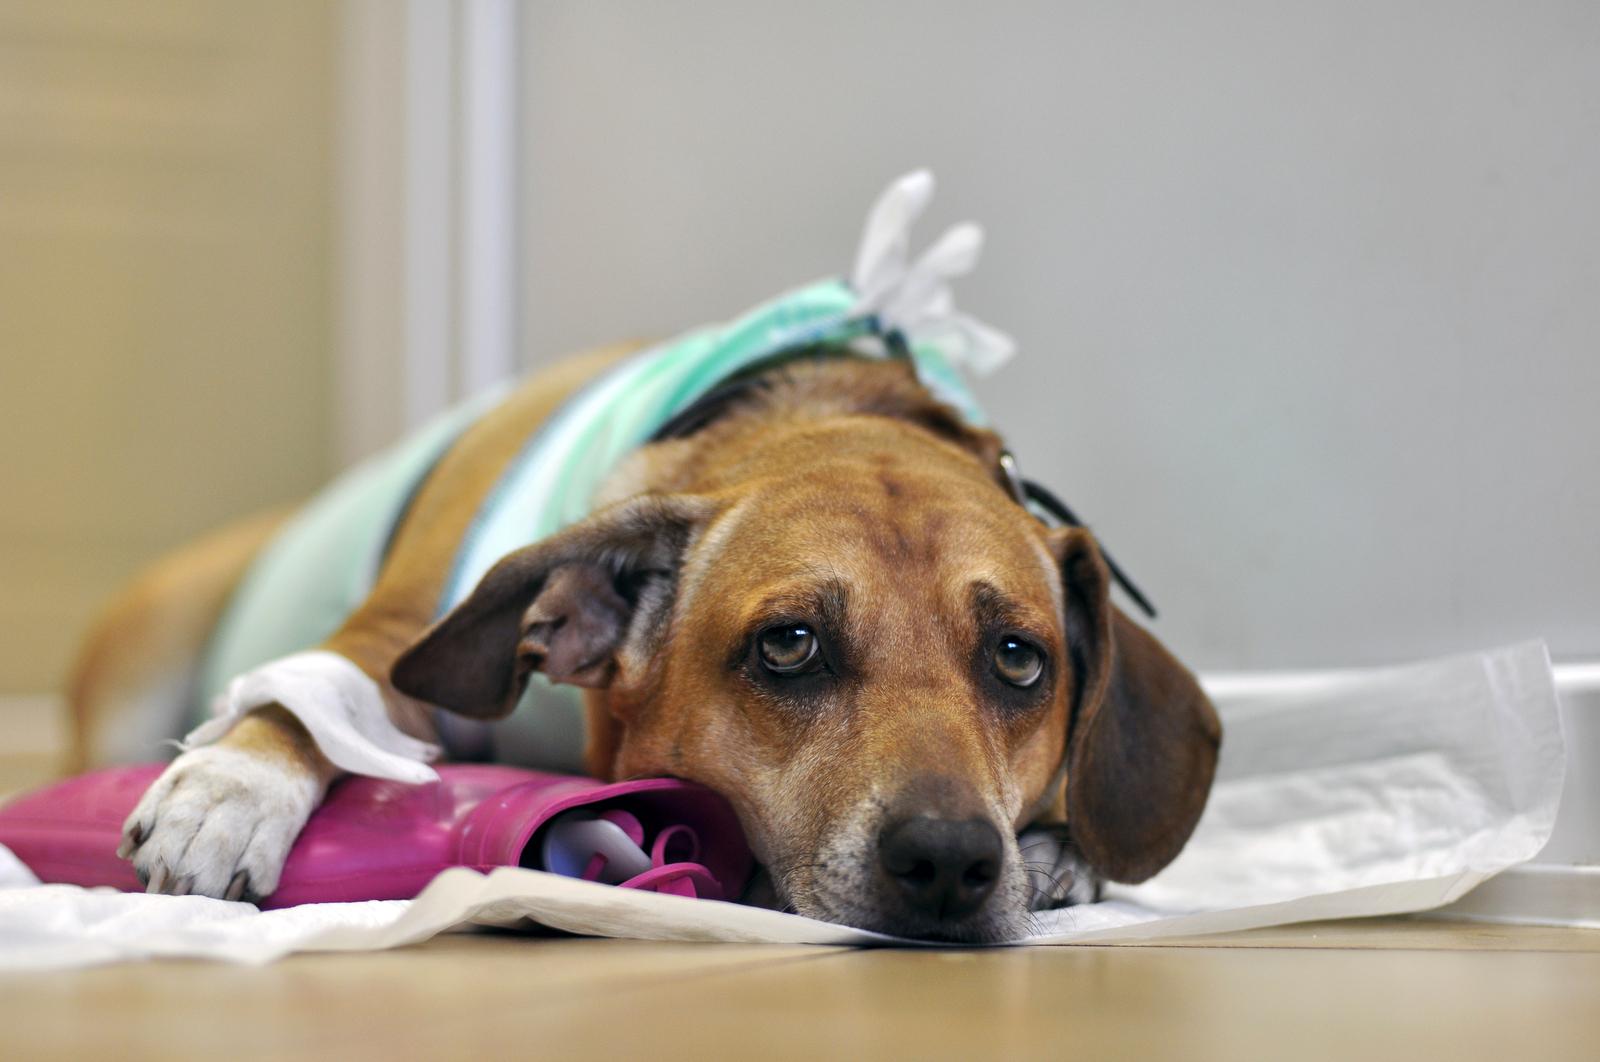 Инструкция по применению препарата для собак Преднизолон, отзывы собаководов